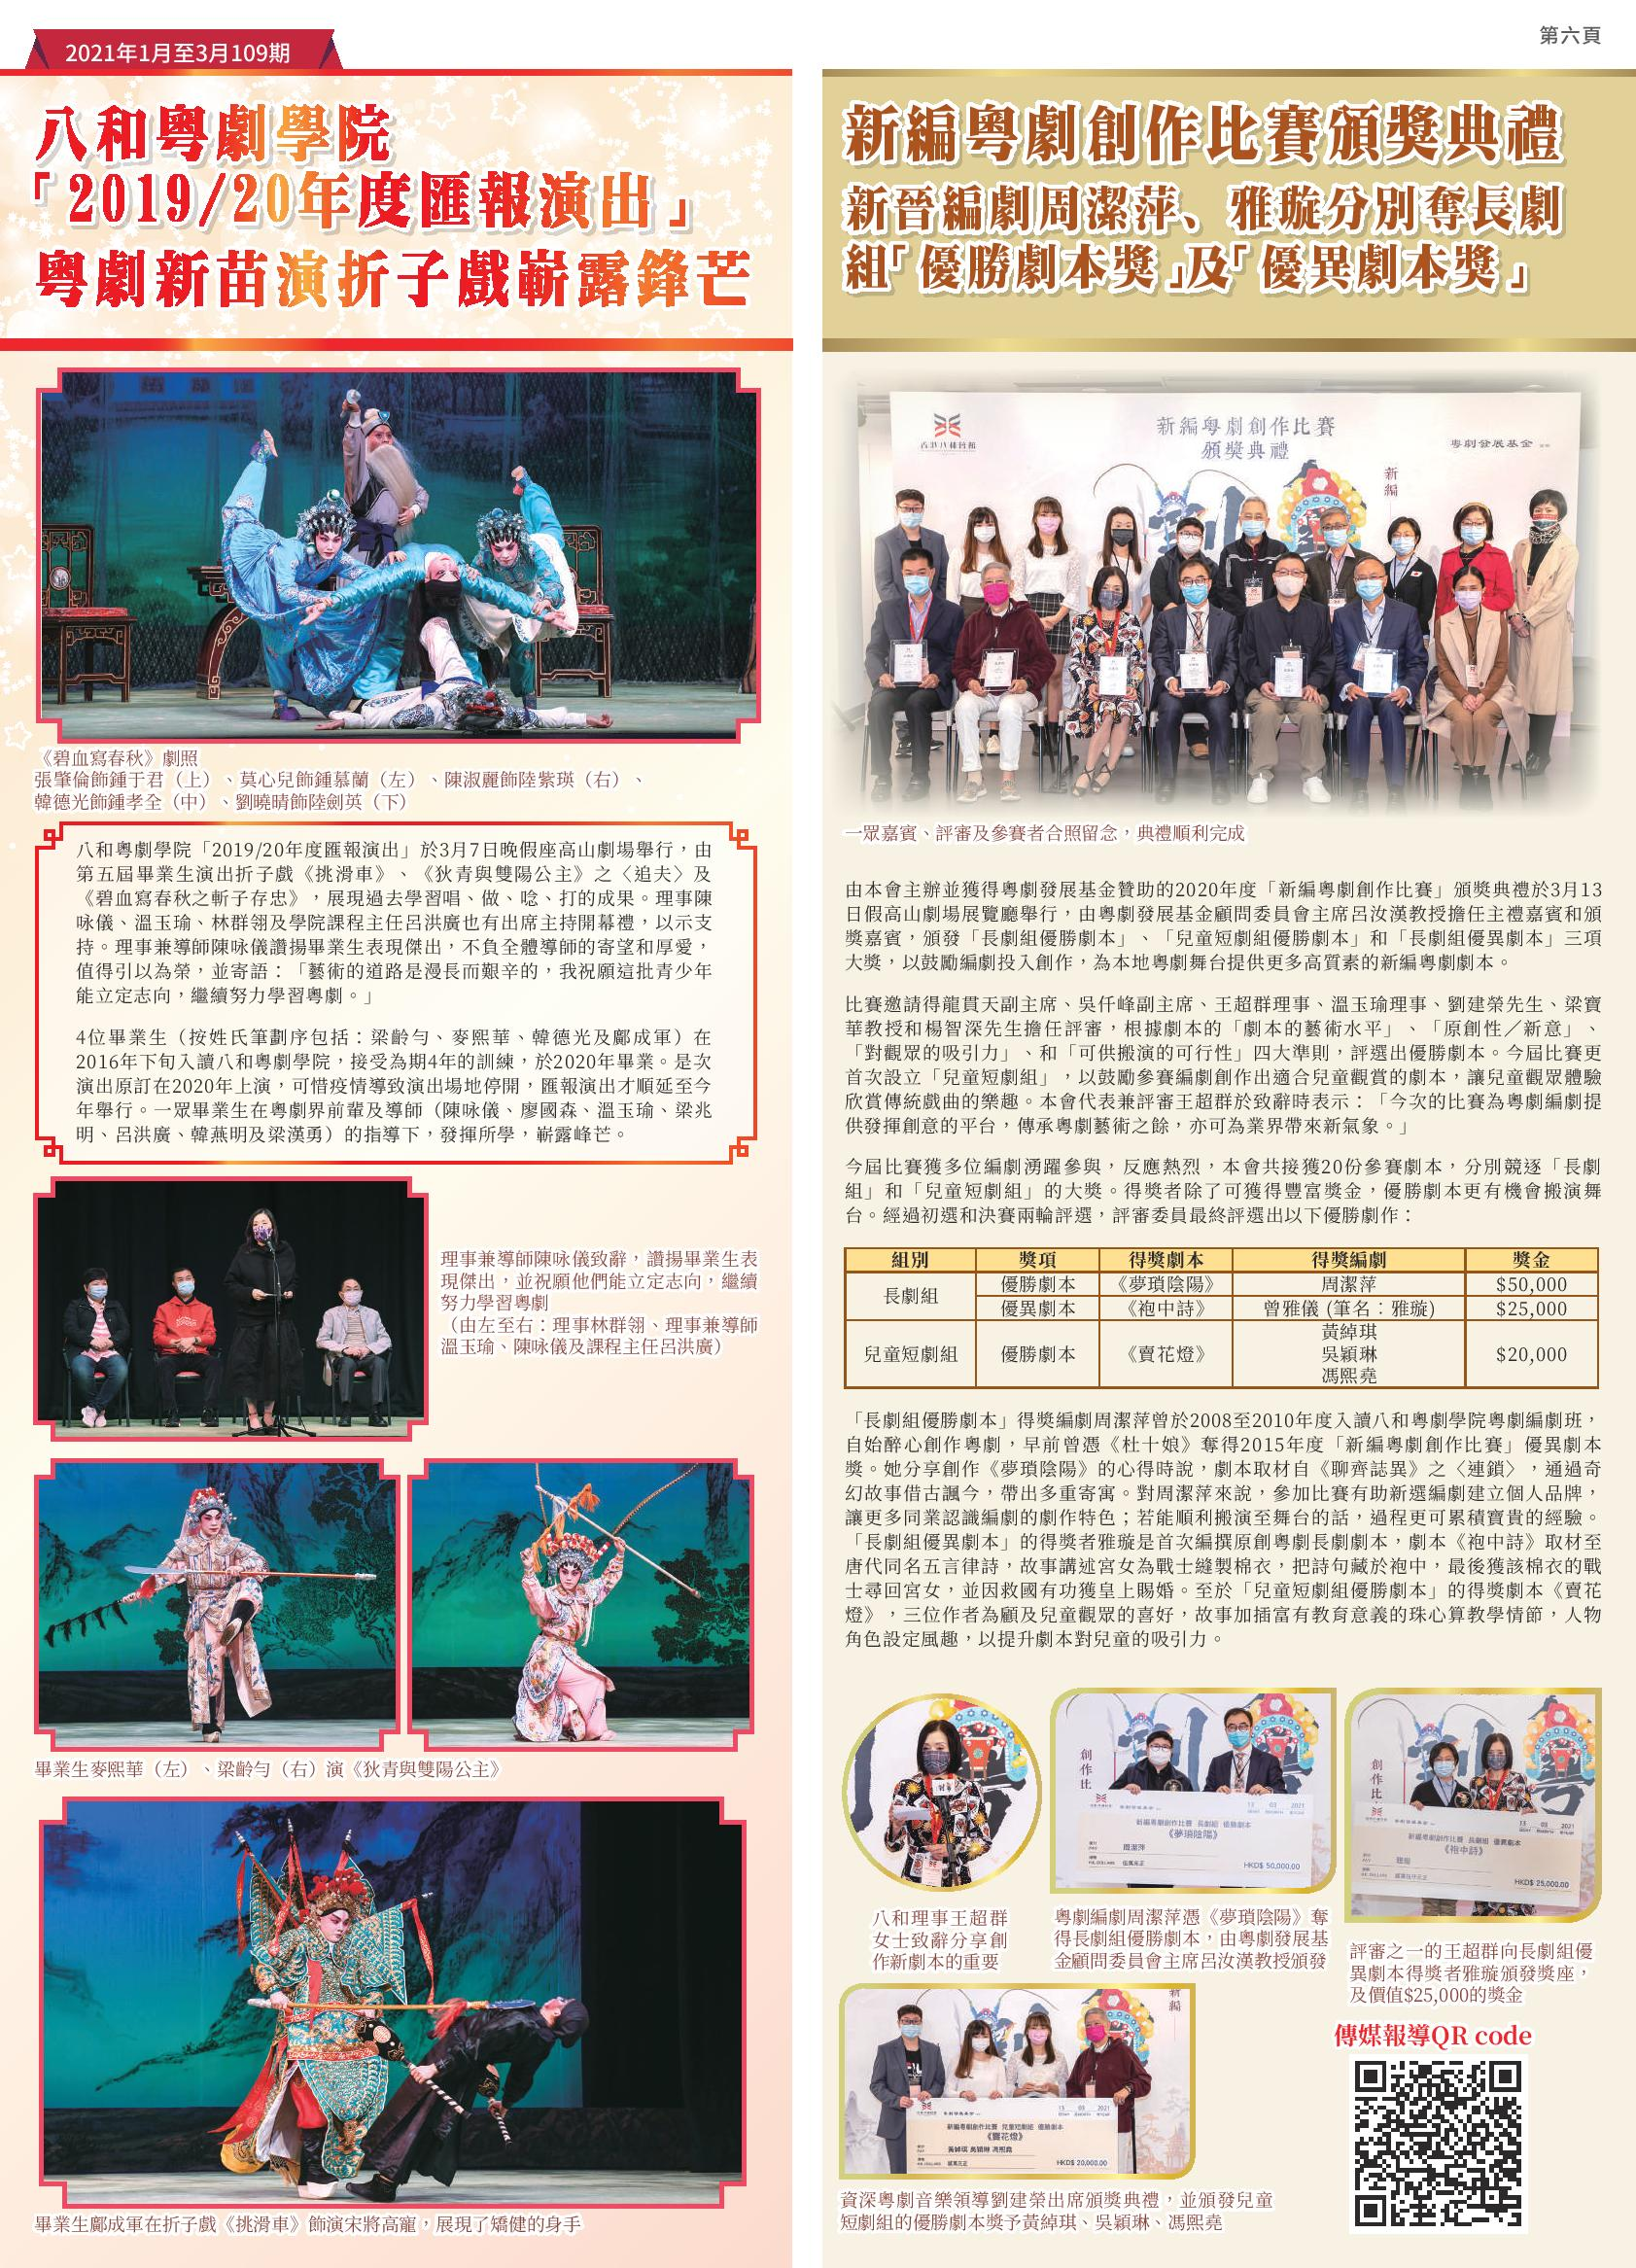 八和粵劇學院 「2019/20年度匯報演出」;新編粵劇創作比賽頒獎典禮